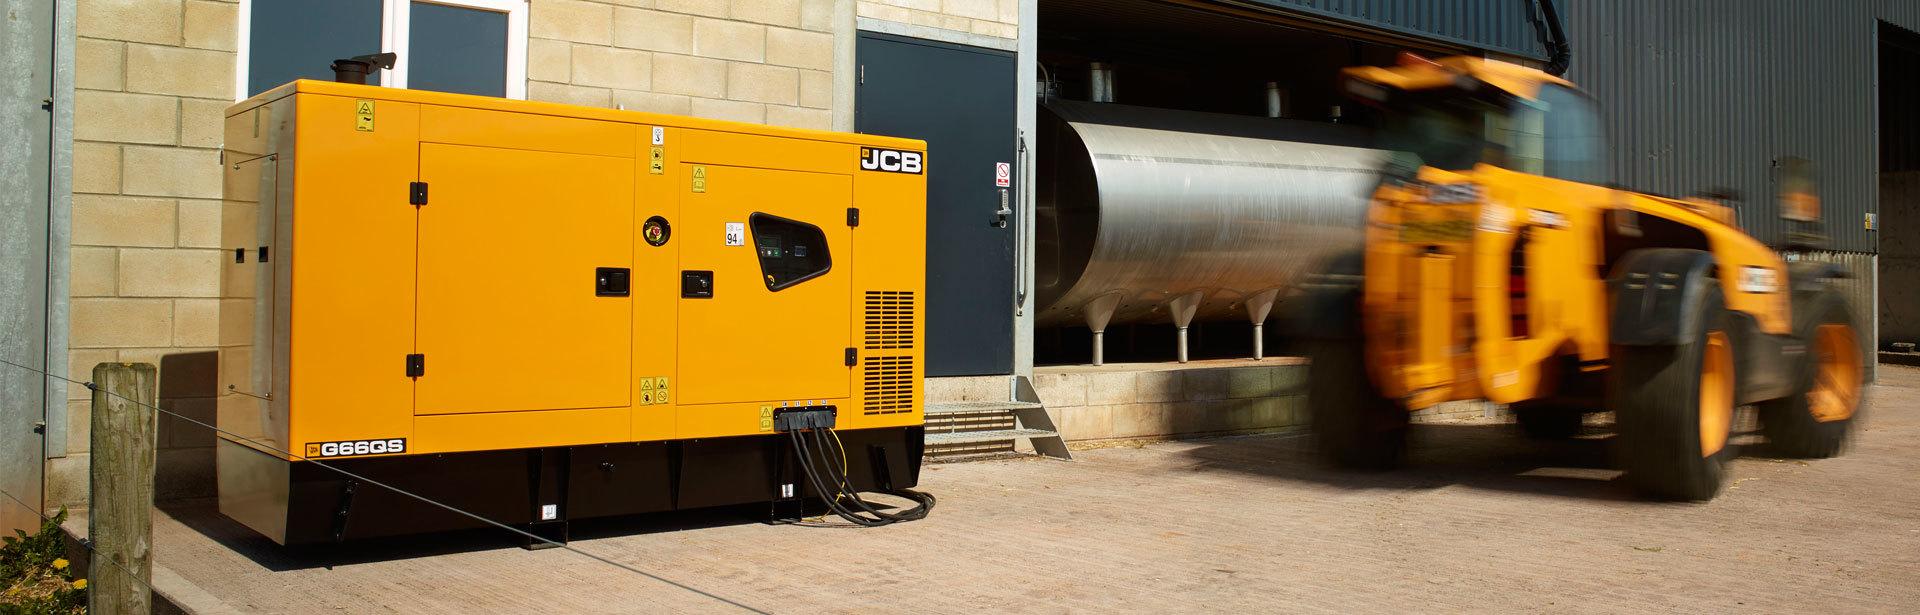 Image of a 65-140 kVA JCB Dieselmax 4CYL